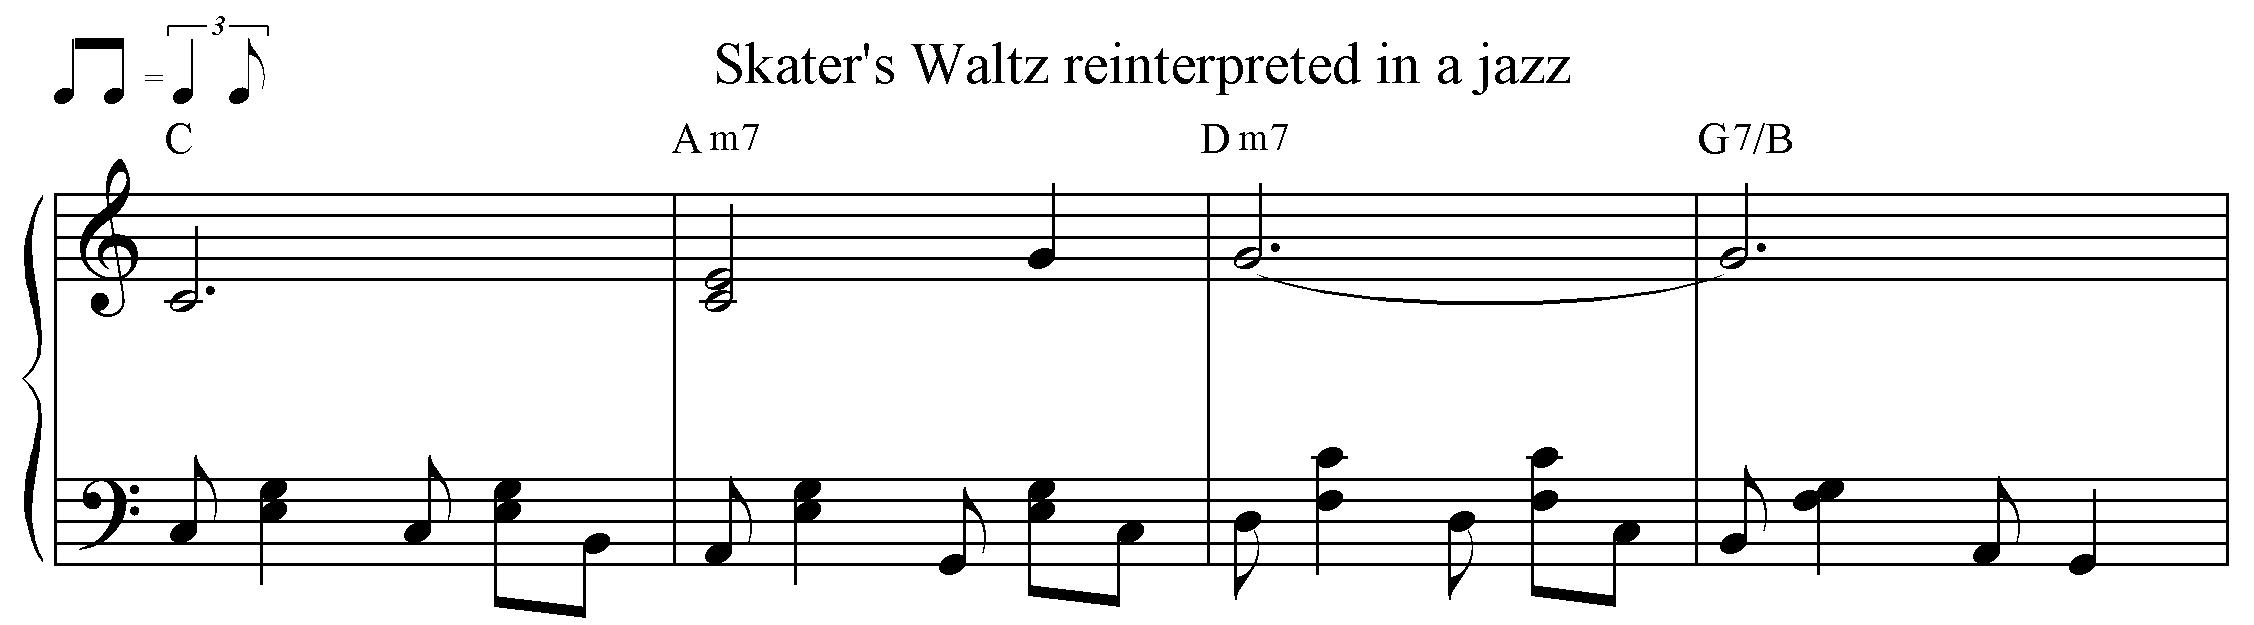 Jazzed up Skater's Waltz